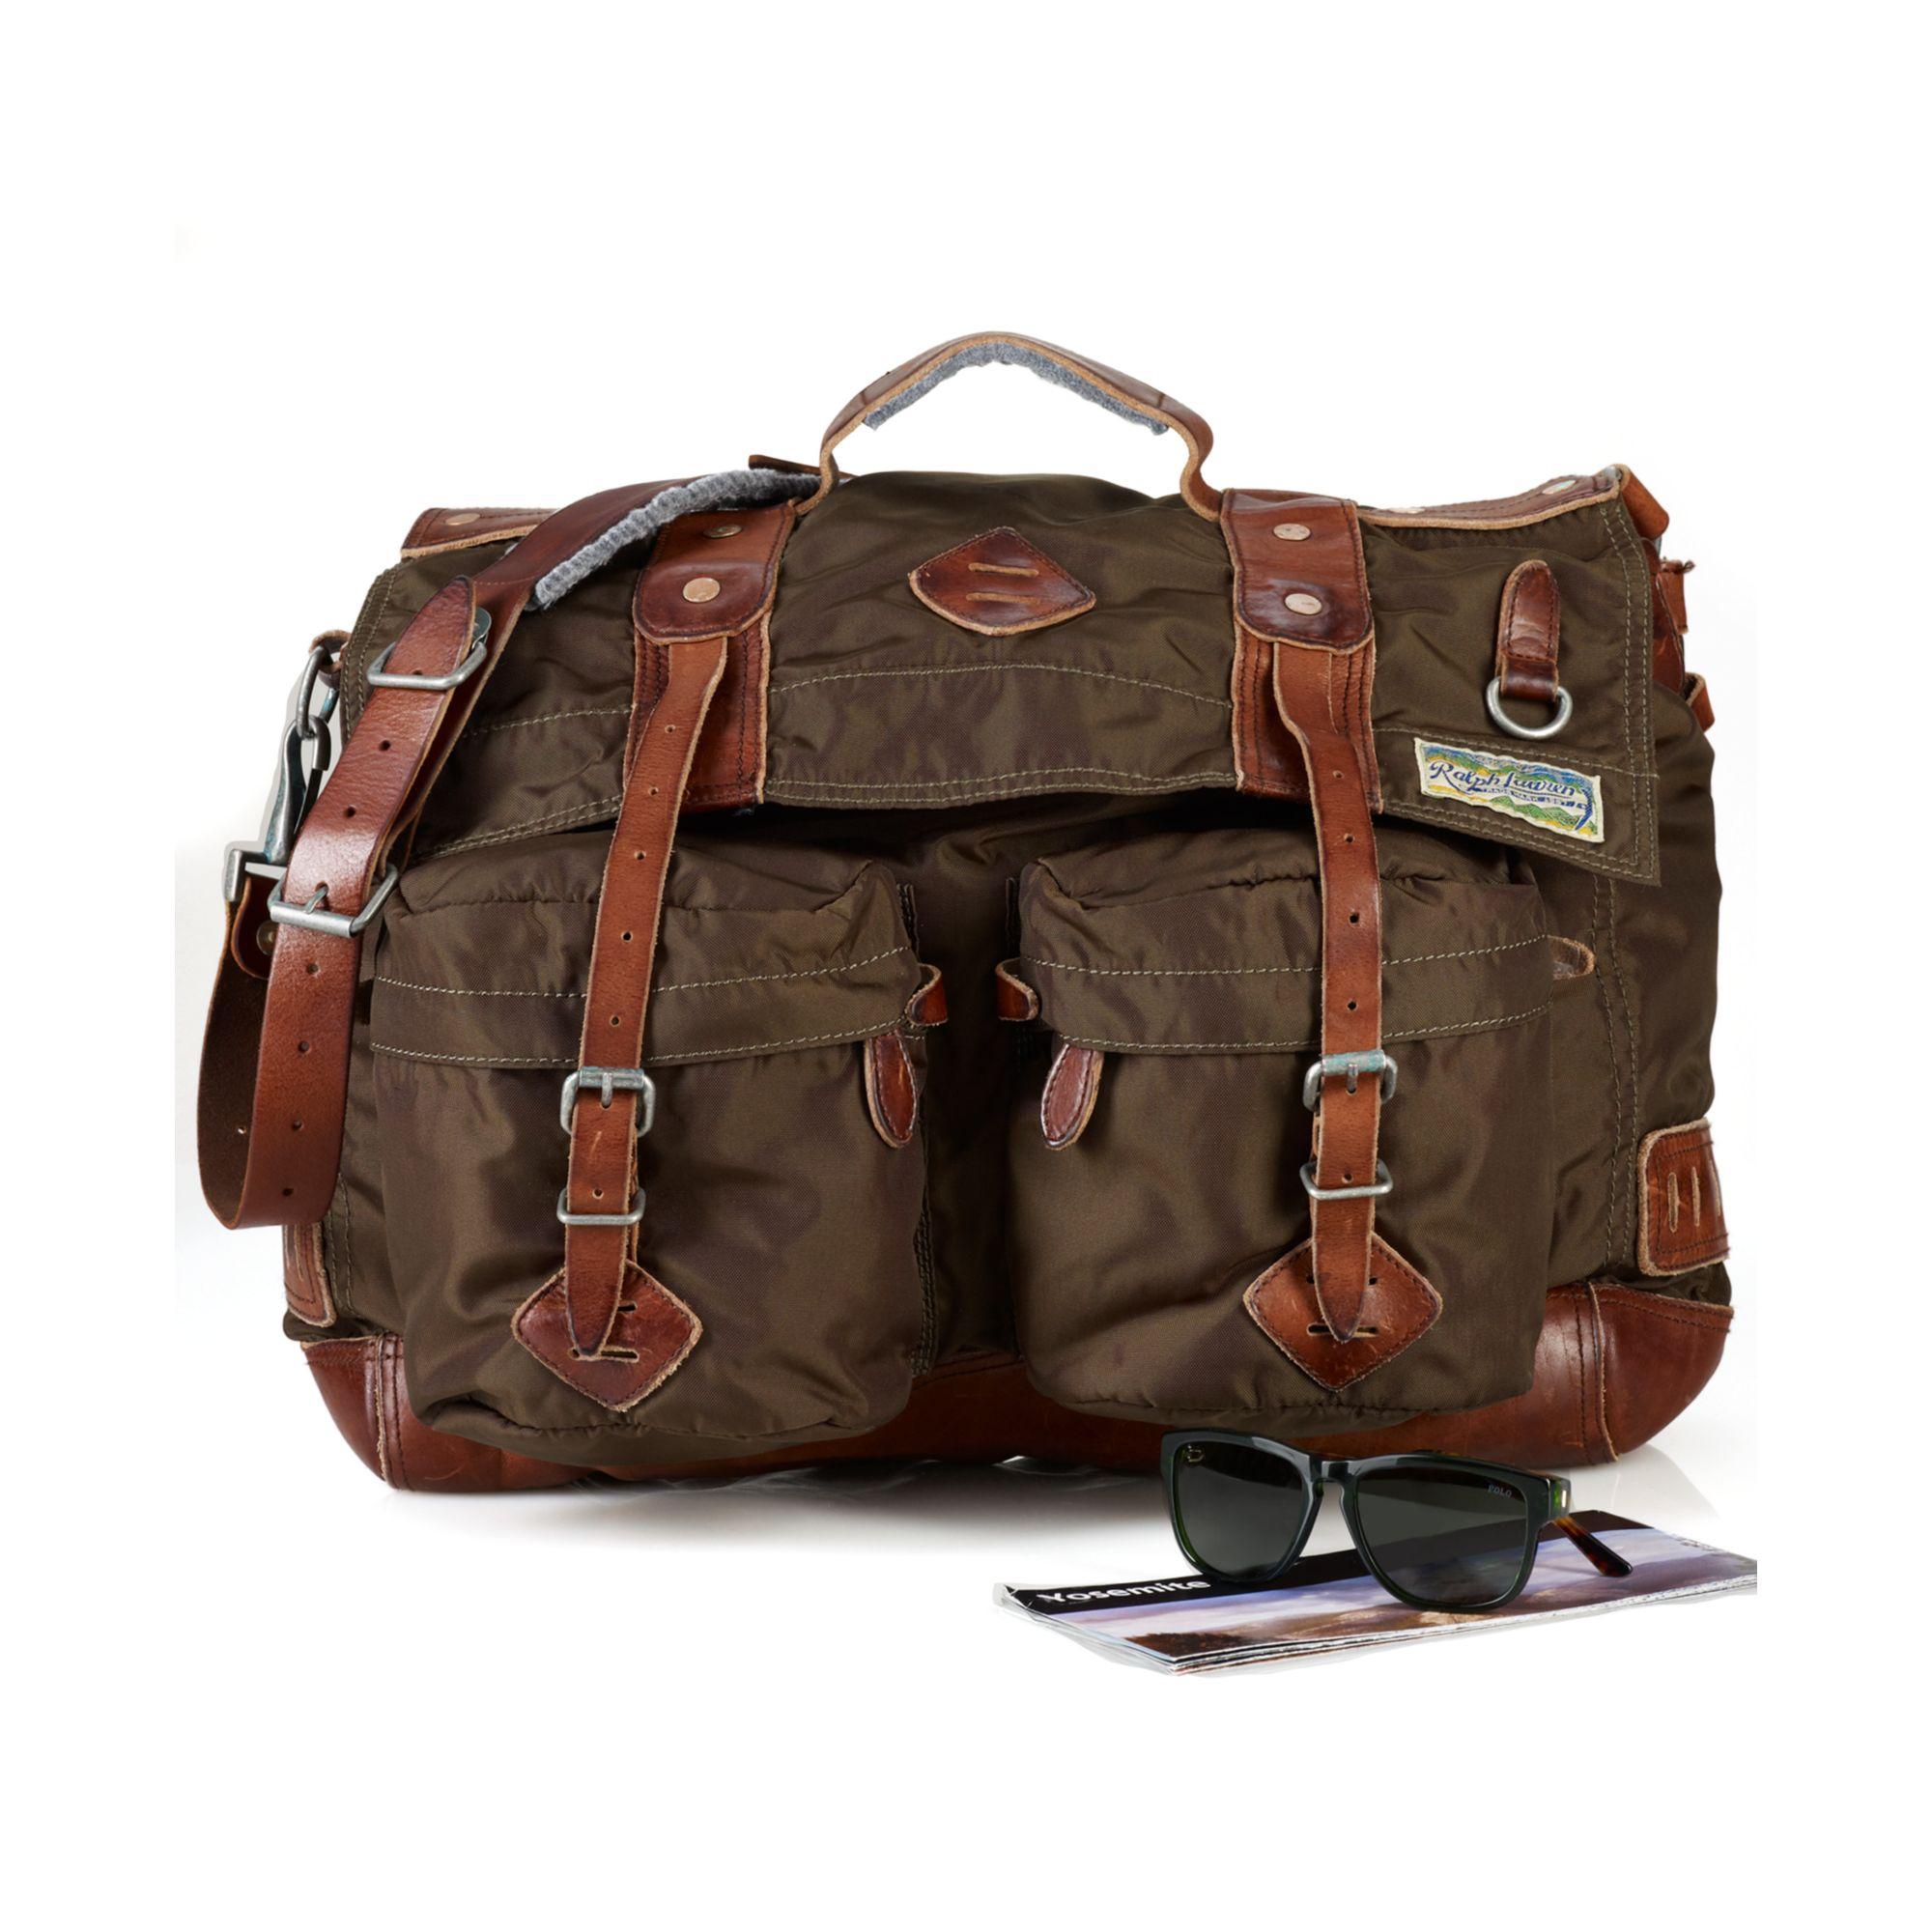 ... reduced lyst ralph lauren nylon yosemite messenger bag in green for men  71947 02c16 ca80ffe74f063